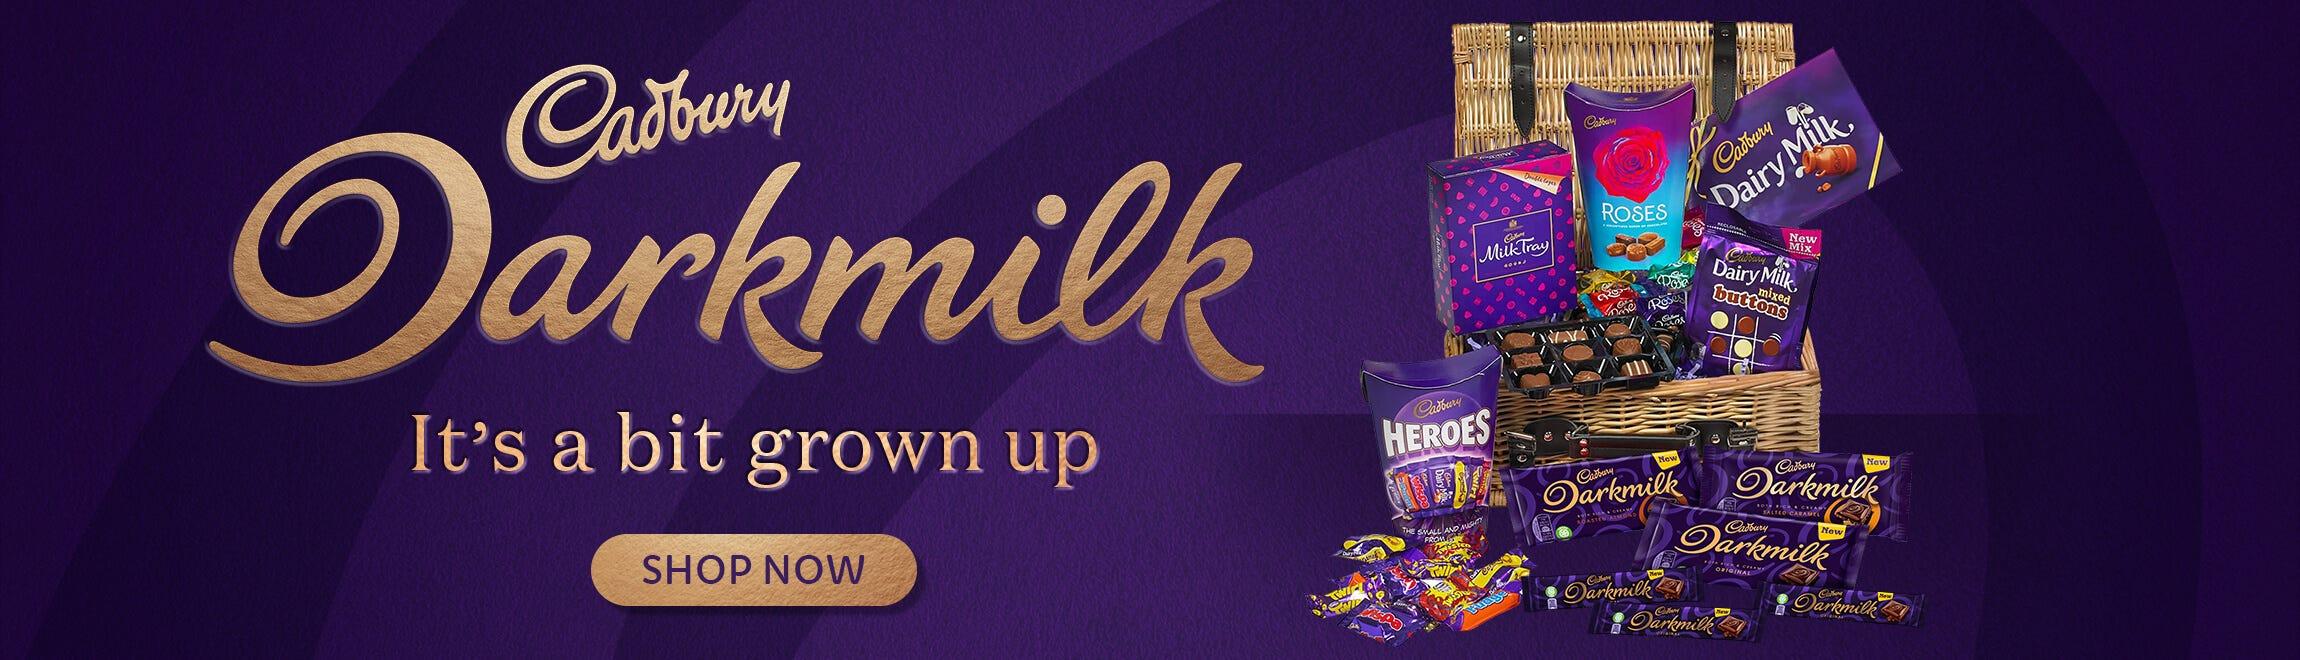 Cadbury Darkmilk - it's a bit grown up